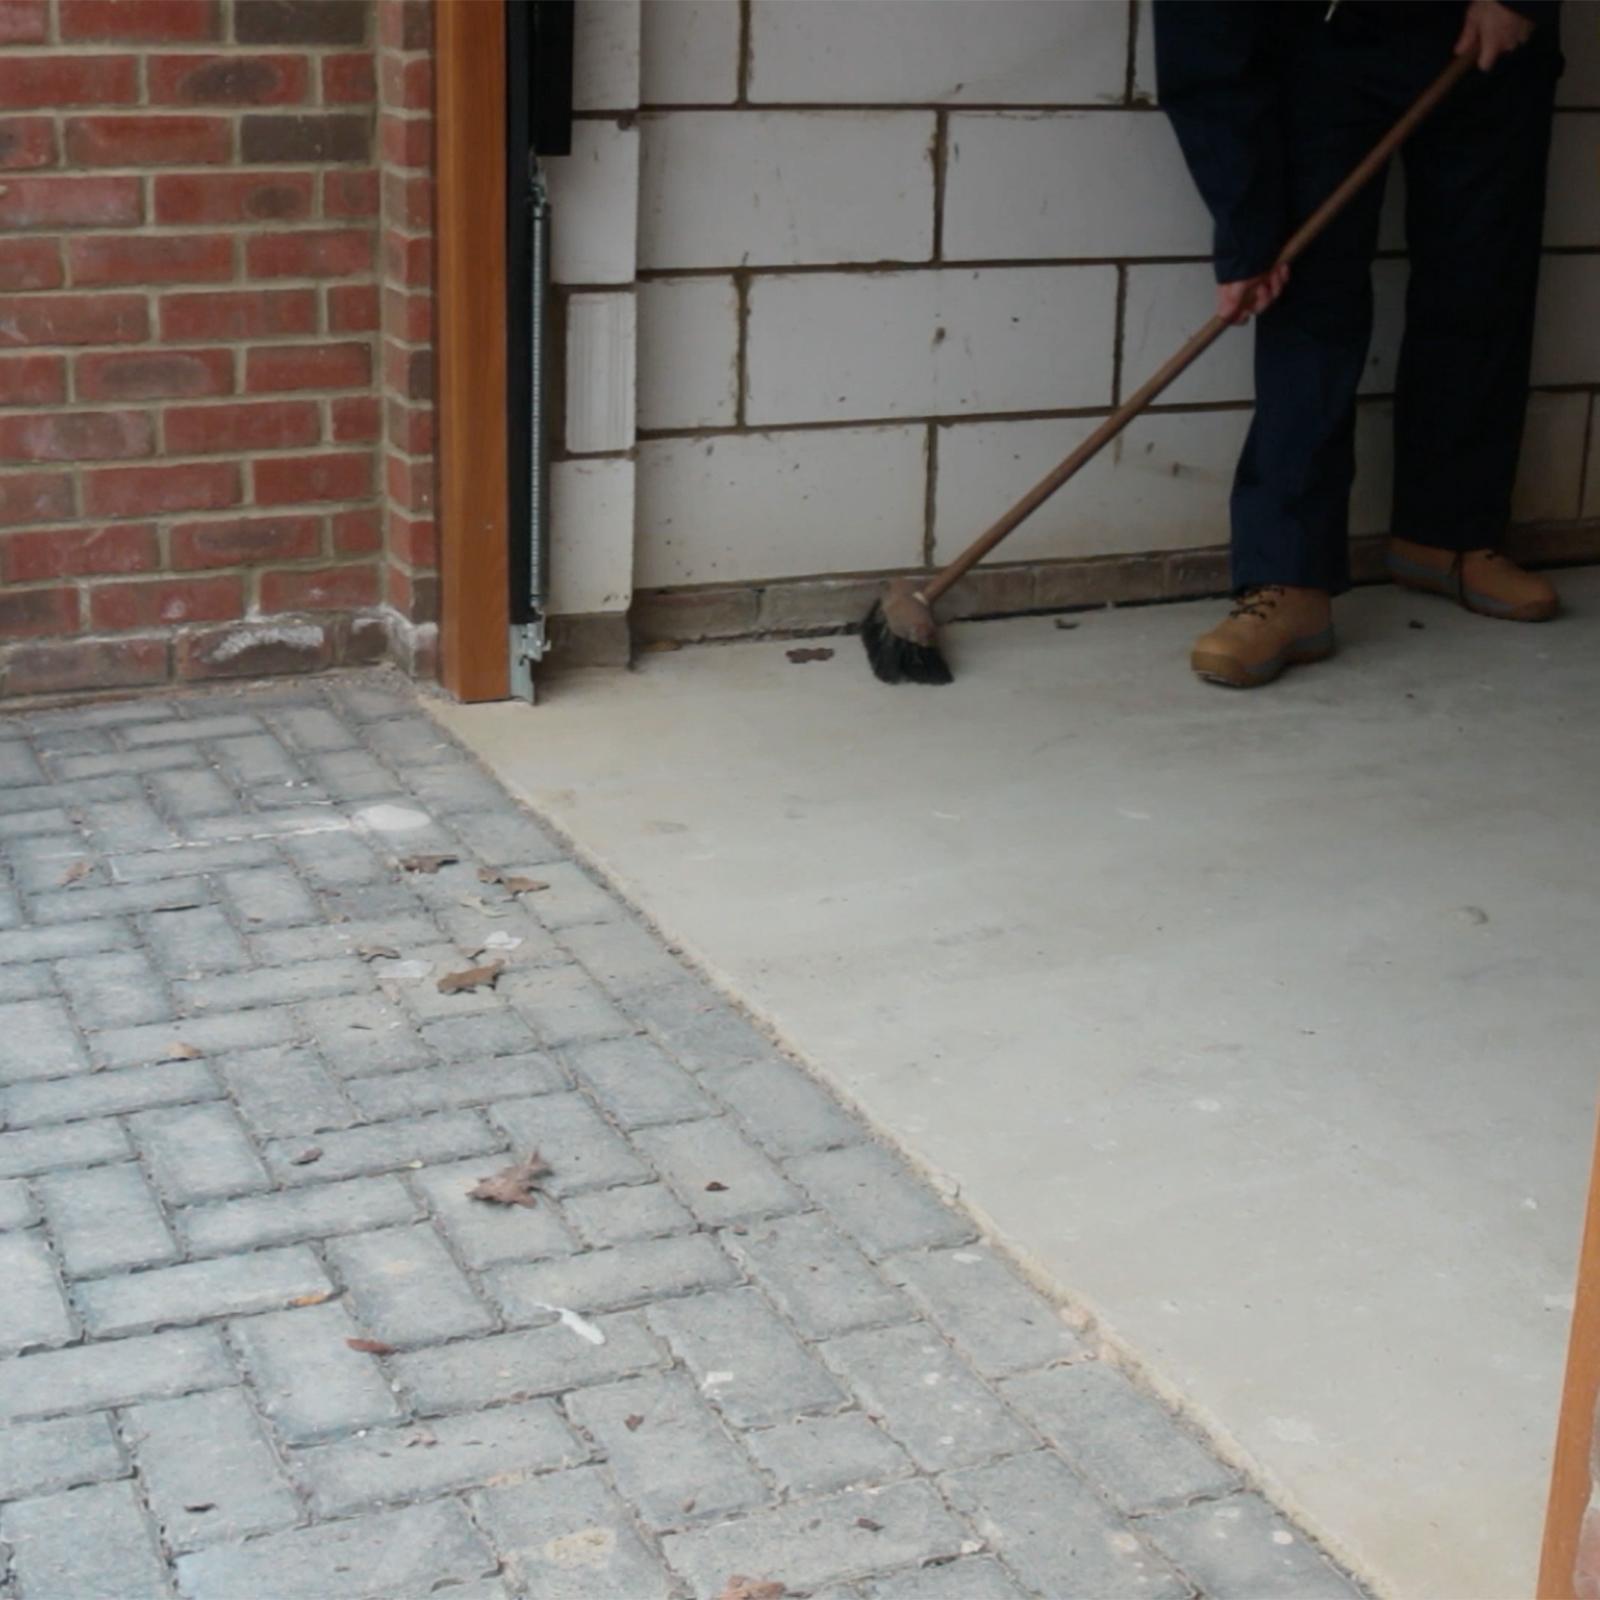 epoxy floor coating paint contractors and repair in boston coatings